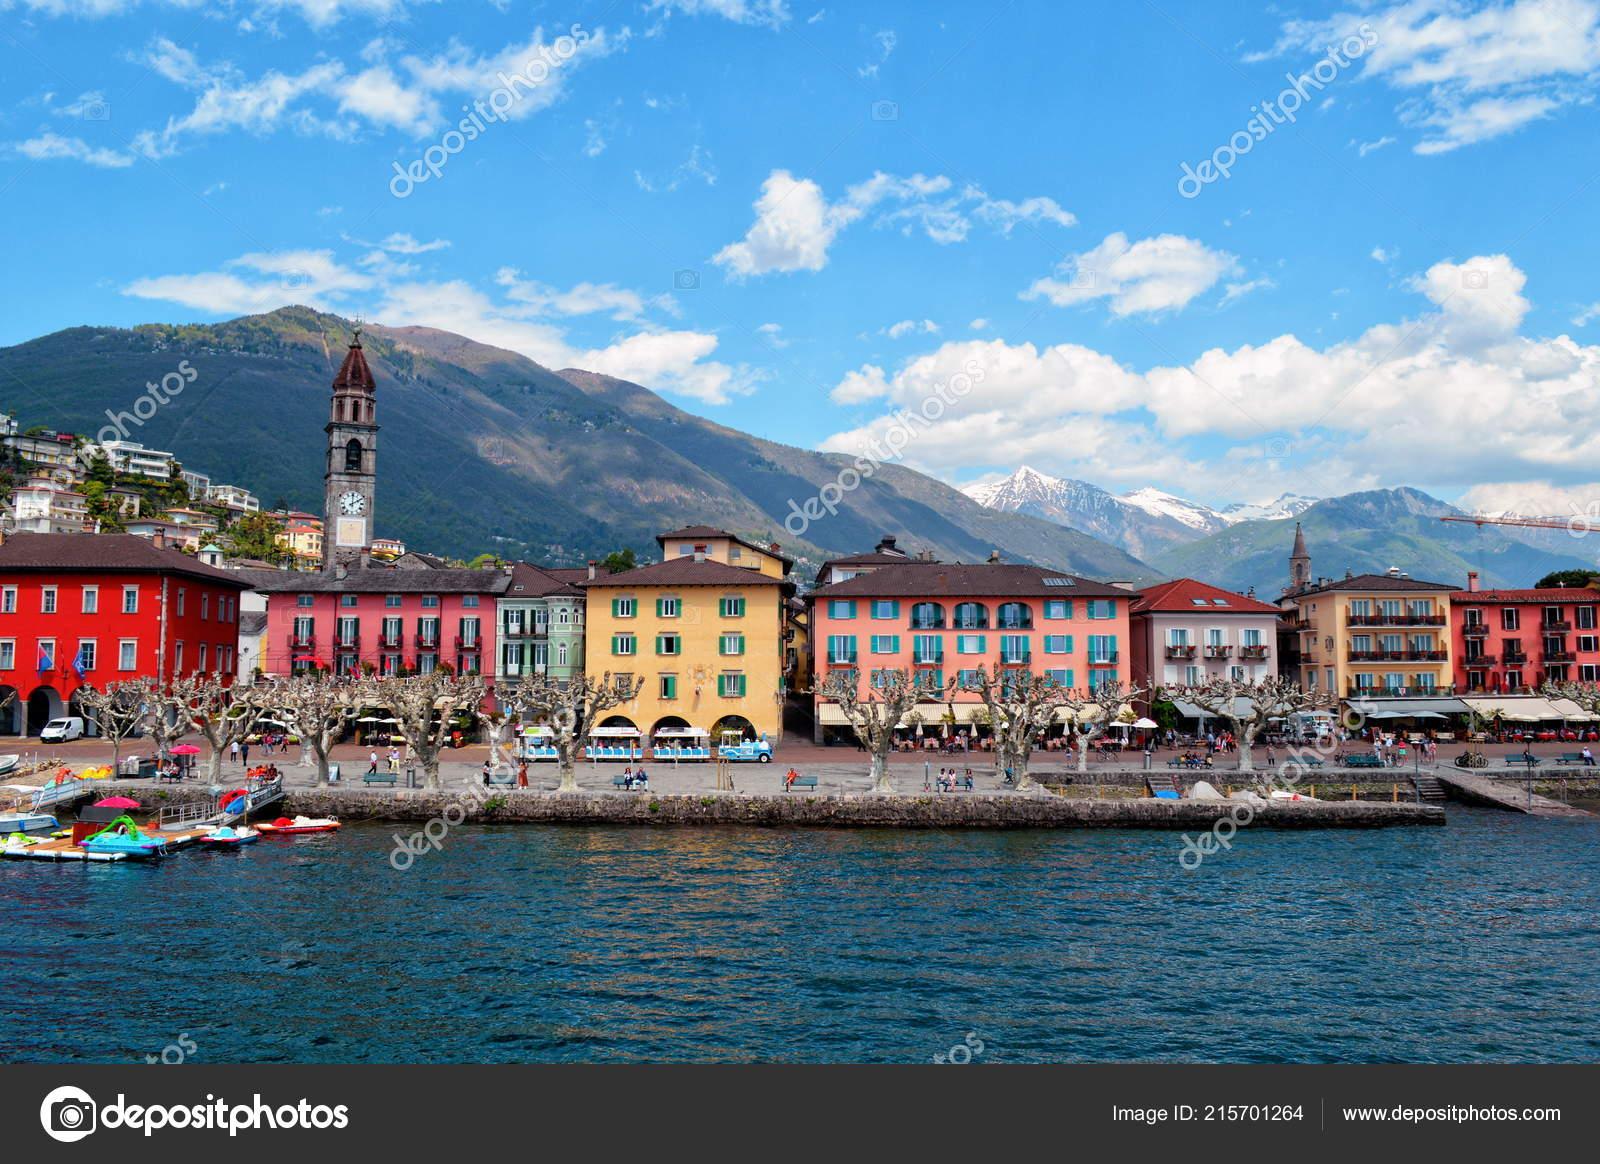 Обои Пейзаж, причалы, лодки, ticino, швейцария, дома, ascona, набережная. Города foto 18